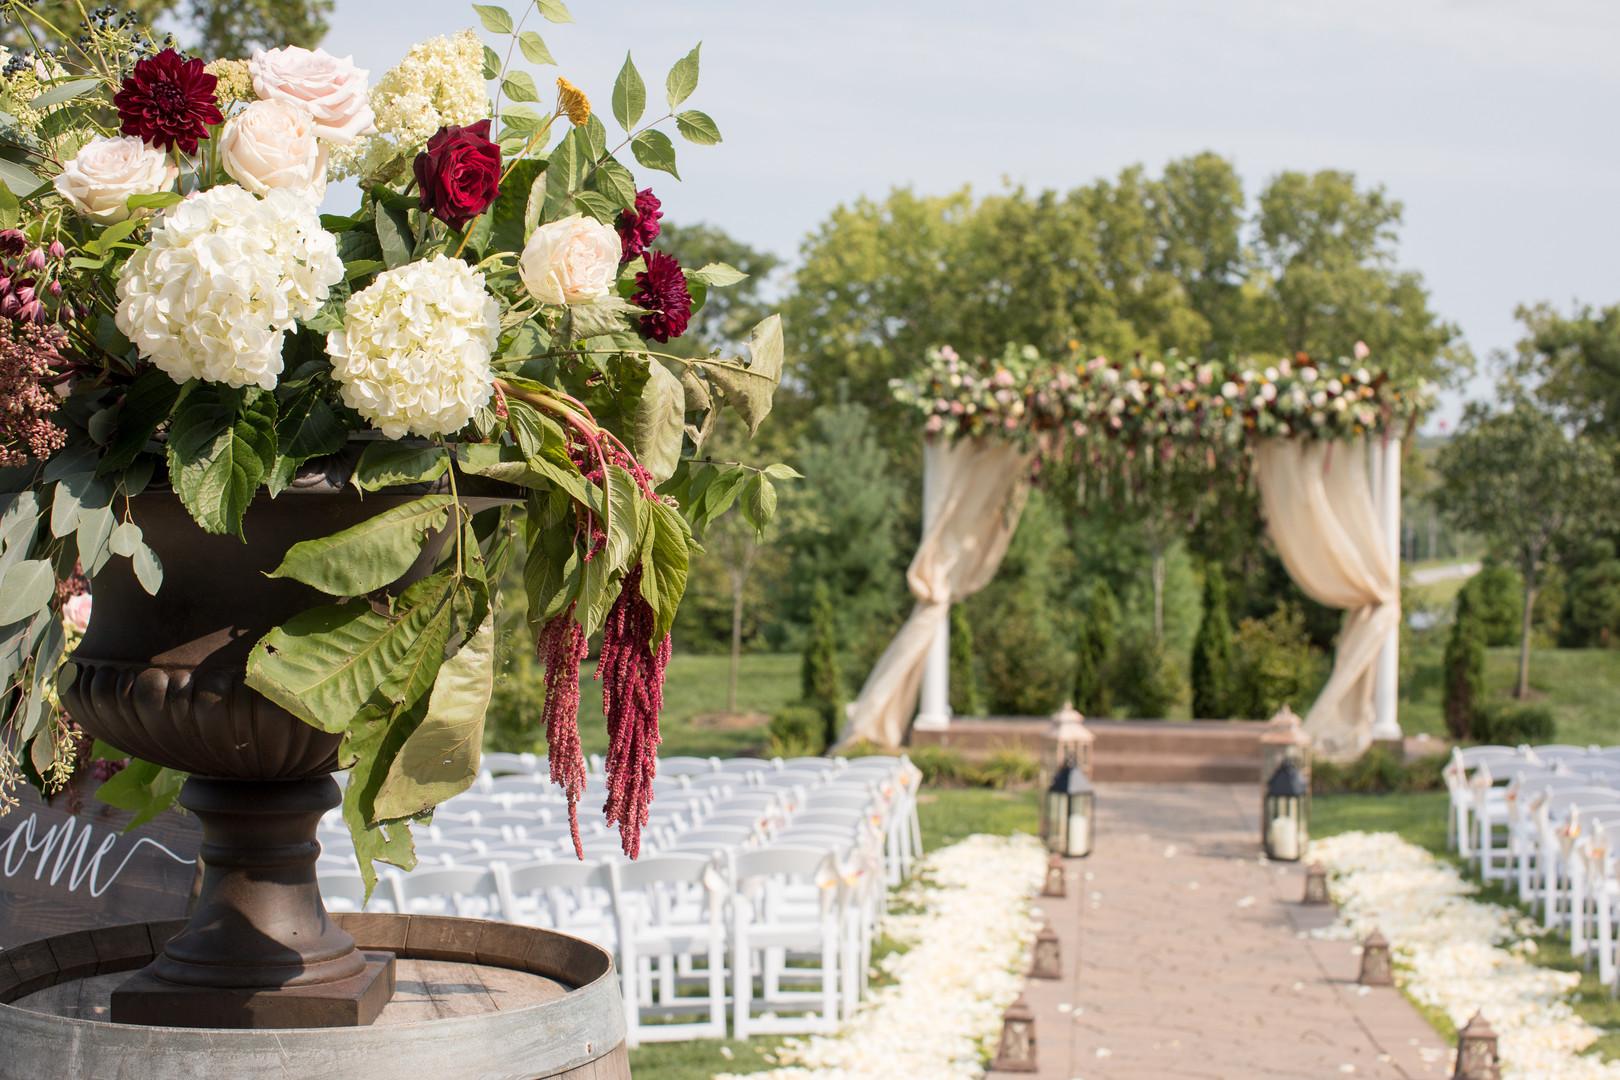 höst+bröllop+september+first+look+ceremoni